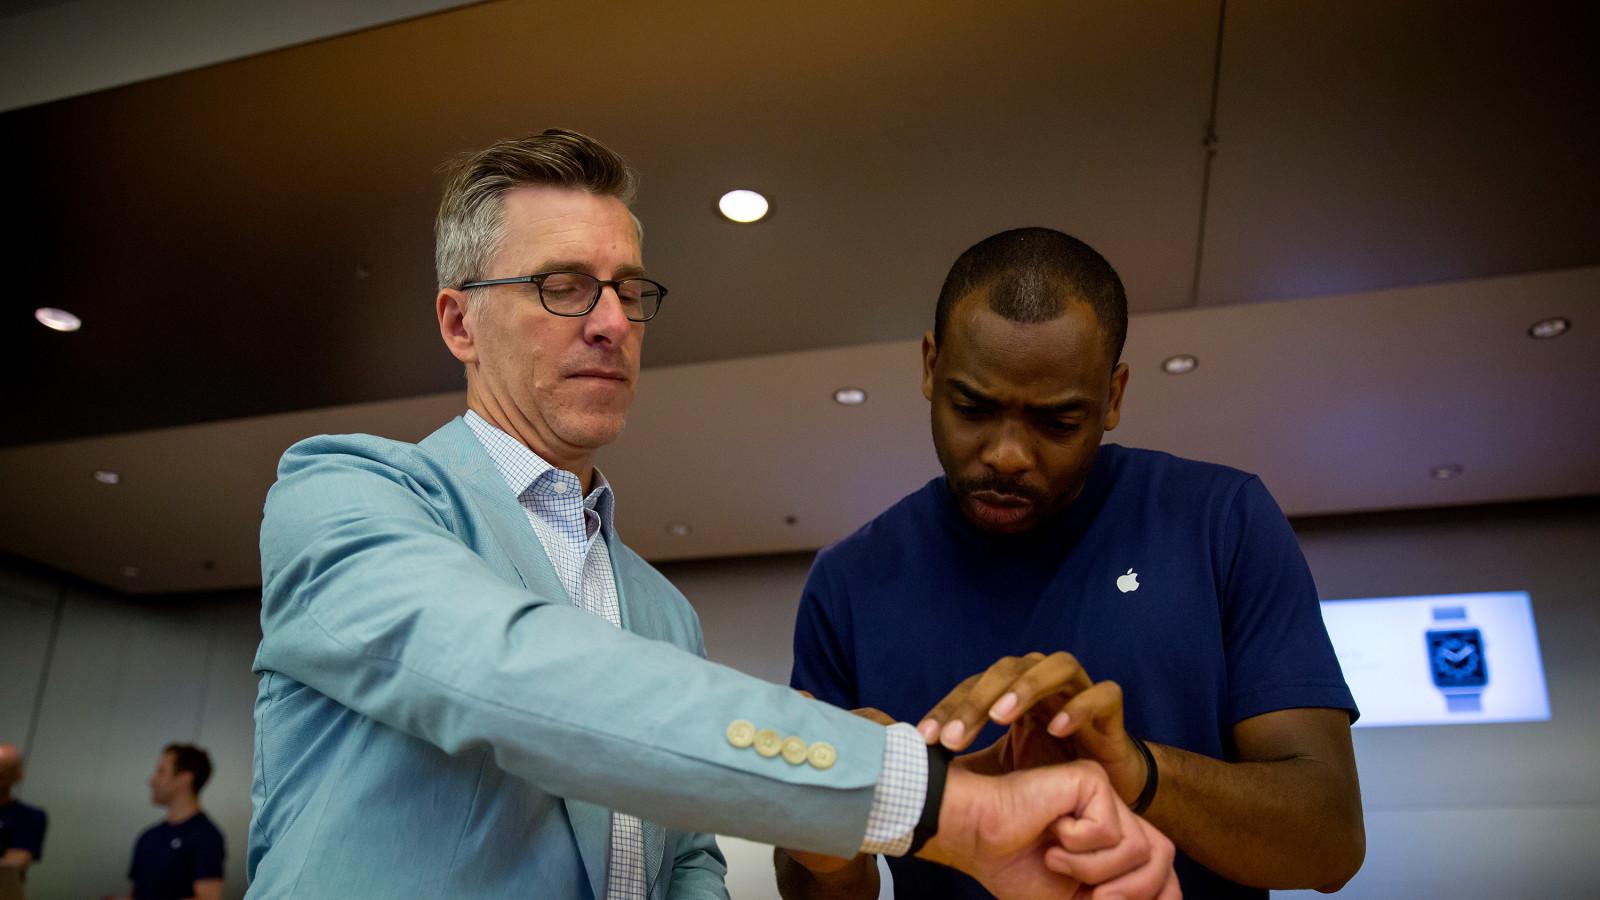 Während des Lockdowns bietet Apple seinen Kunden Online-Seminare an.